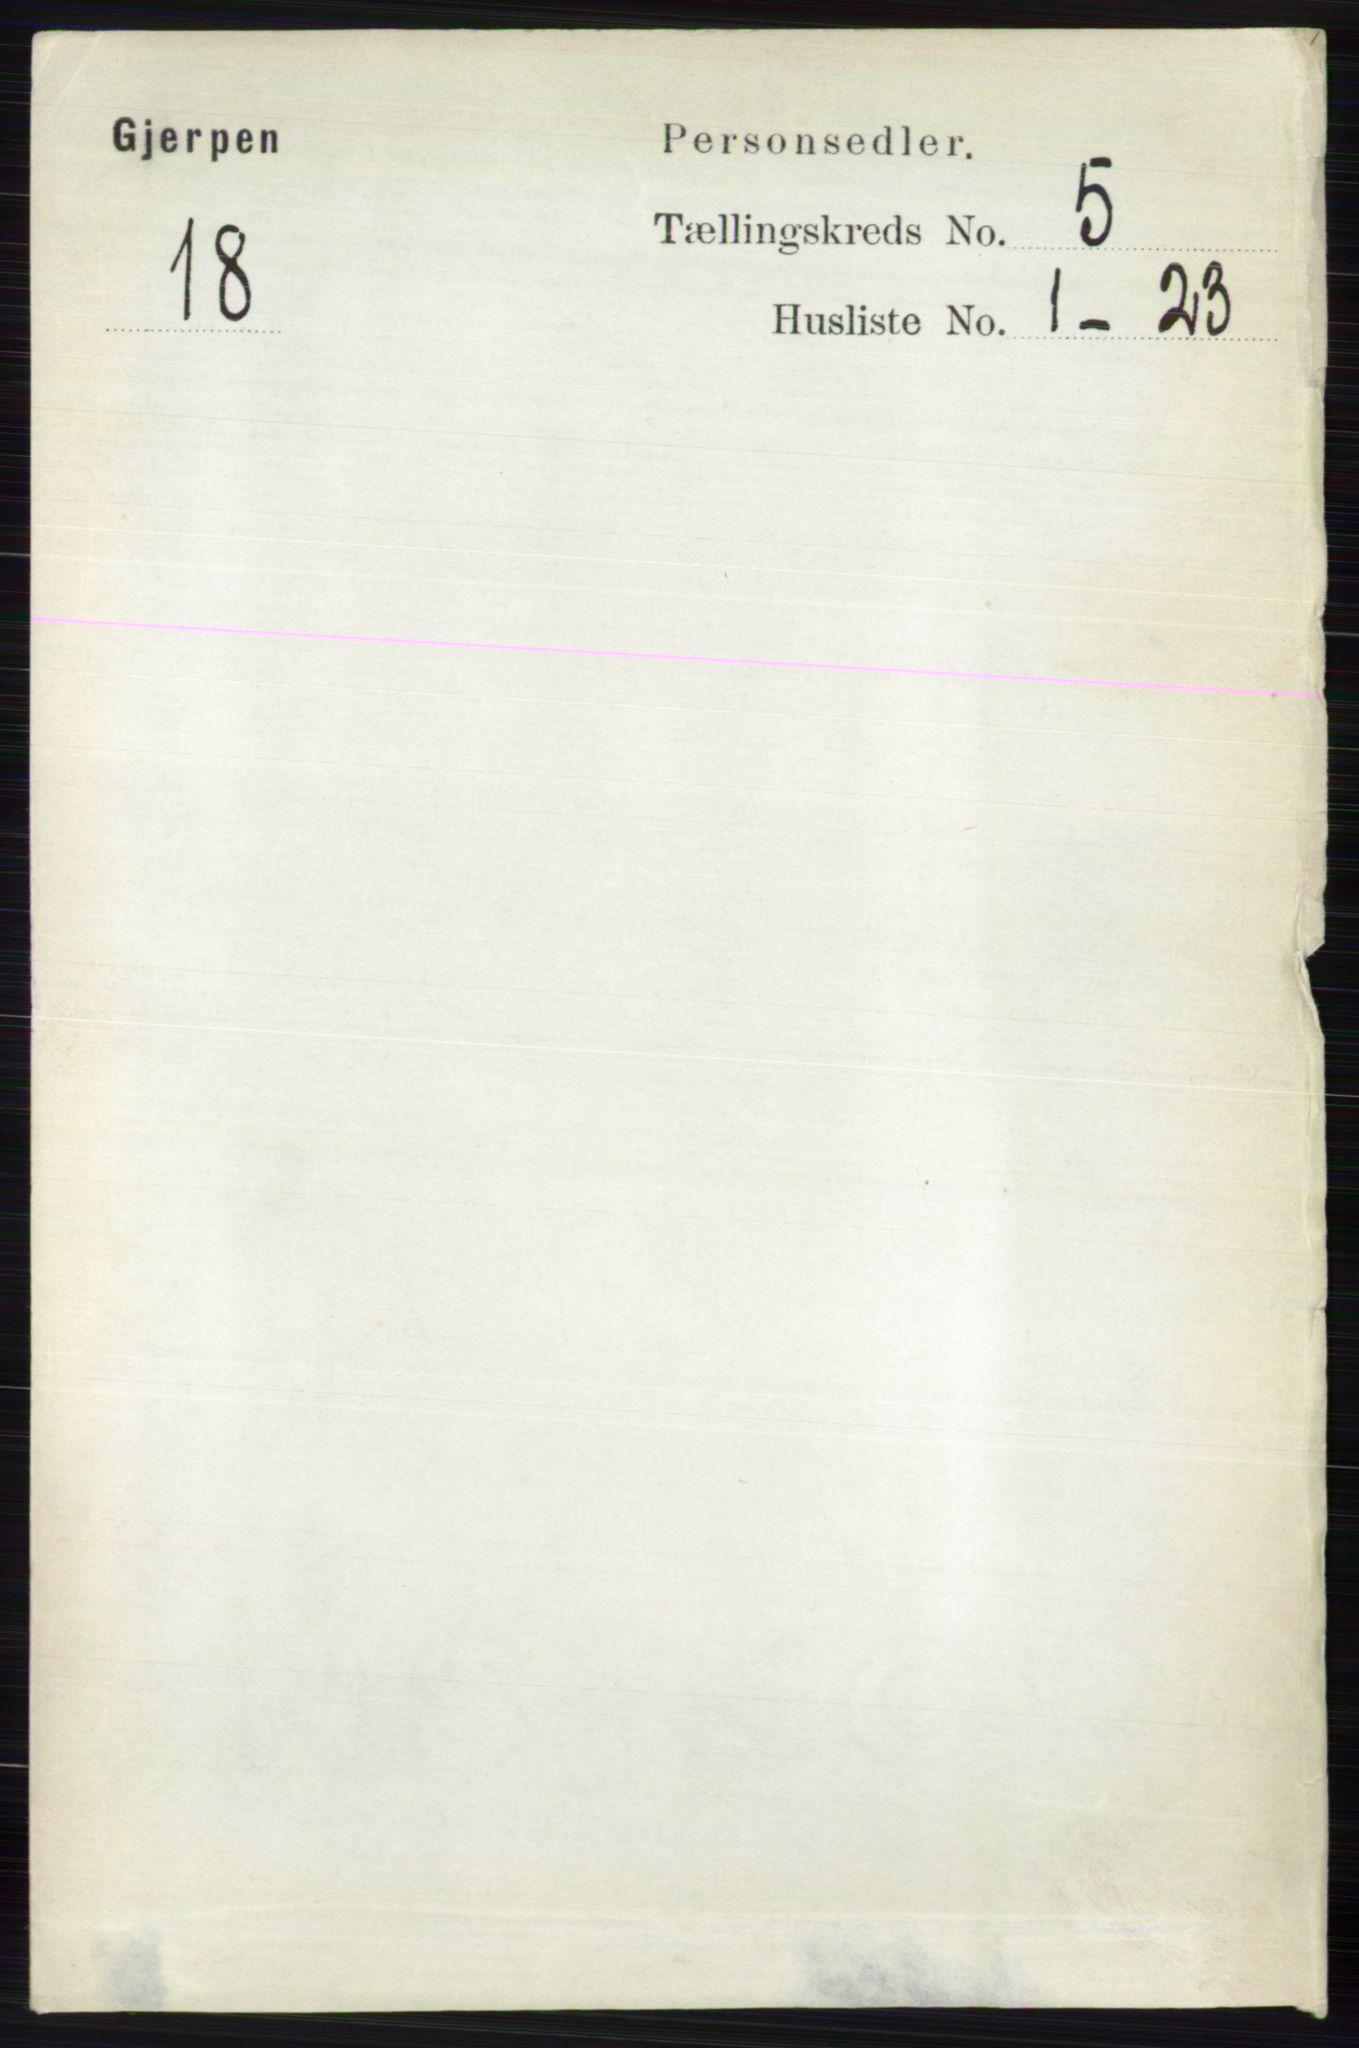 RA, Folketelling 1891 for 0812 Gjerpen herred, 1891, s. 2492